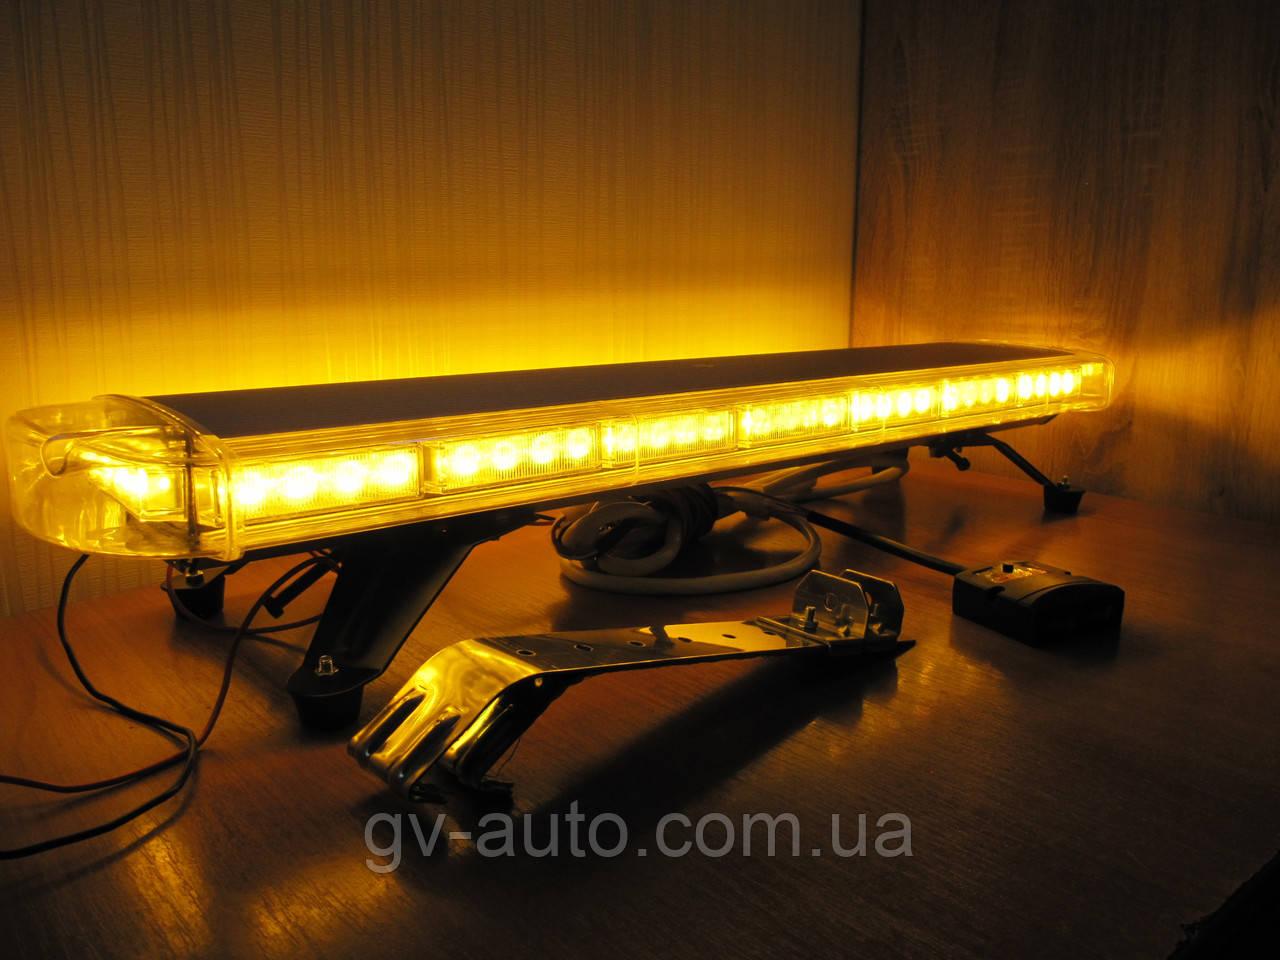 Световая панель LED64-86см. оранжевого(жёлтого) цвета. https://gv-auto.com.ua, фото 1